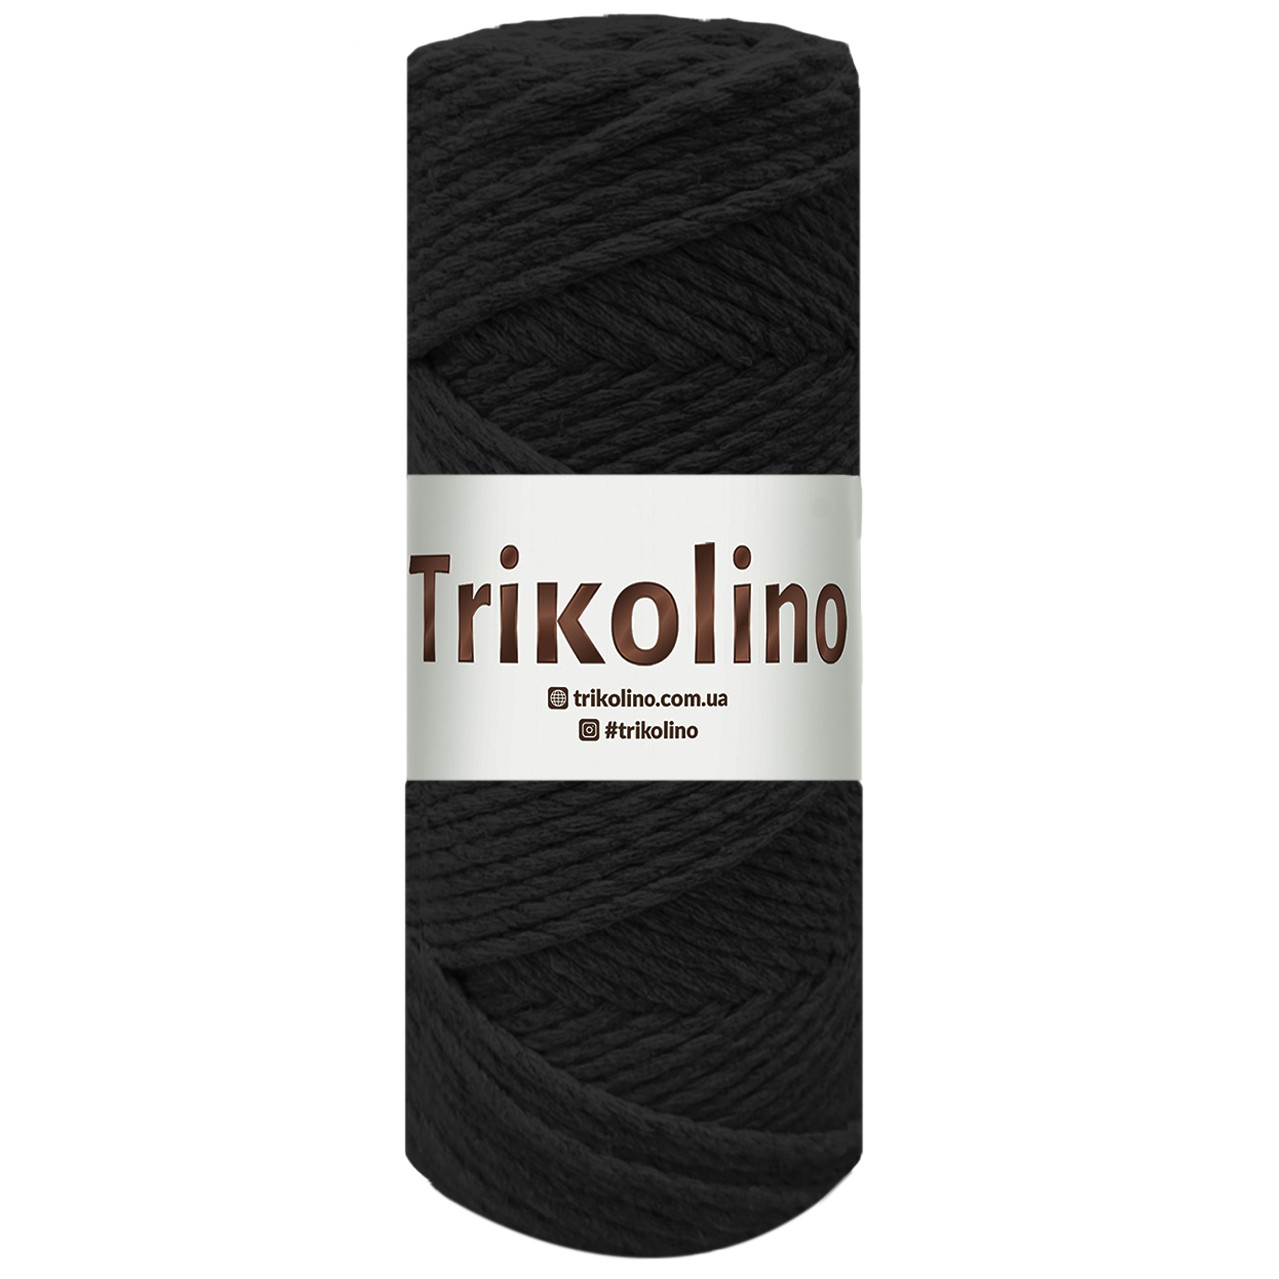 Хлопковый шнур макраме крученый Черный. 250 г,100 м, 3 мм